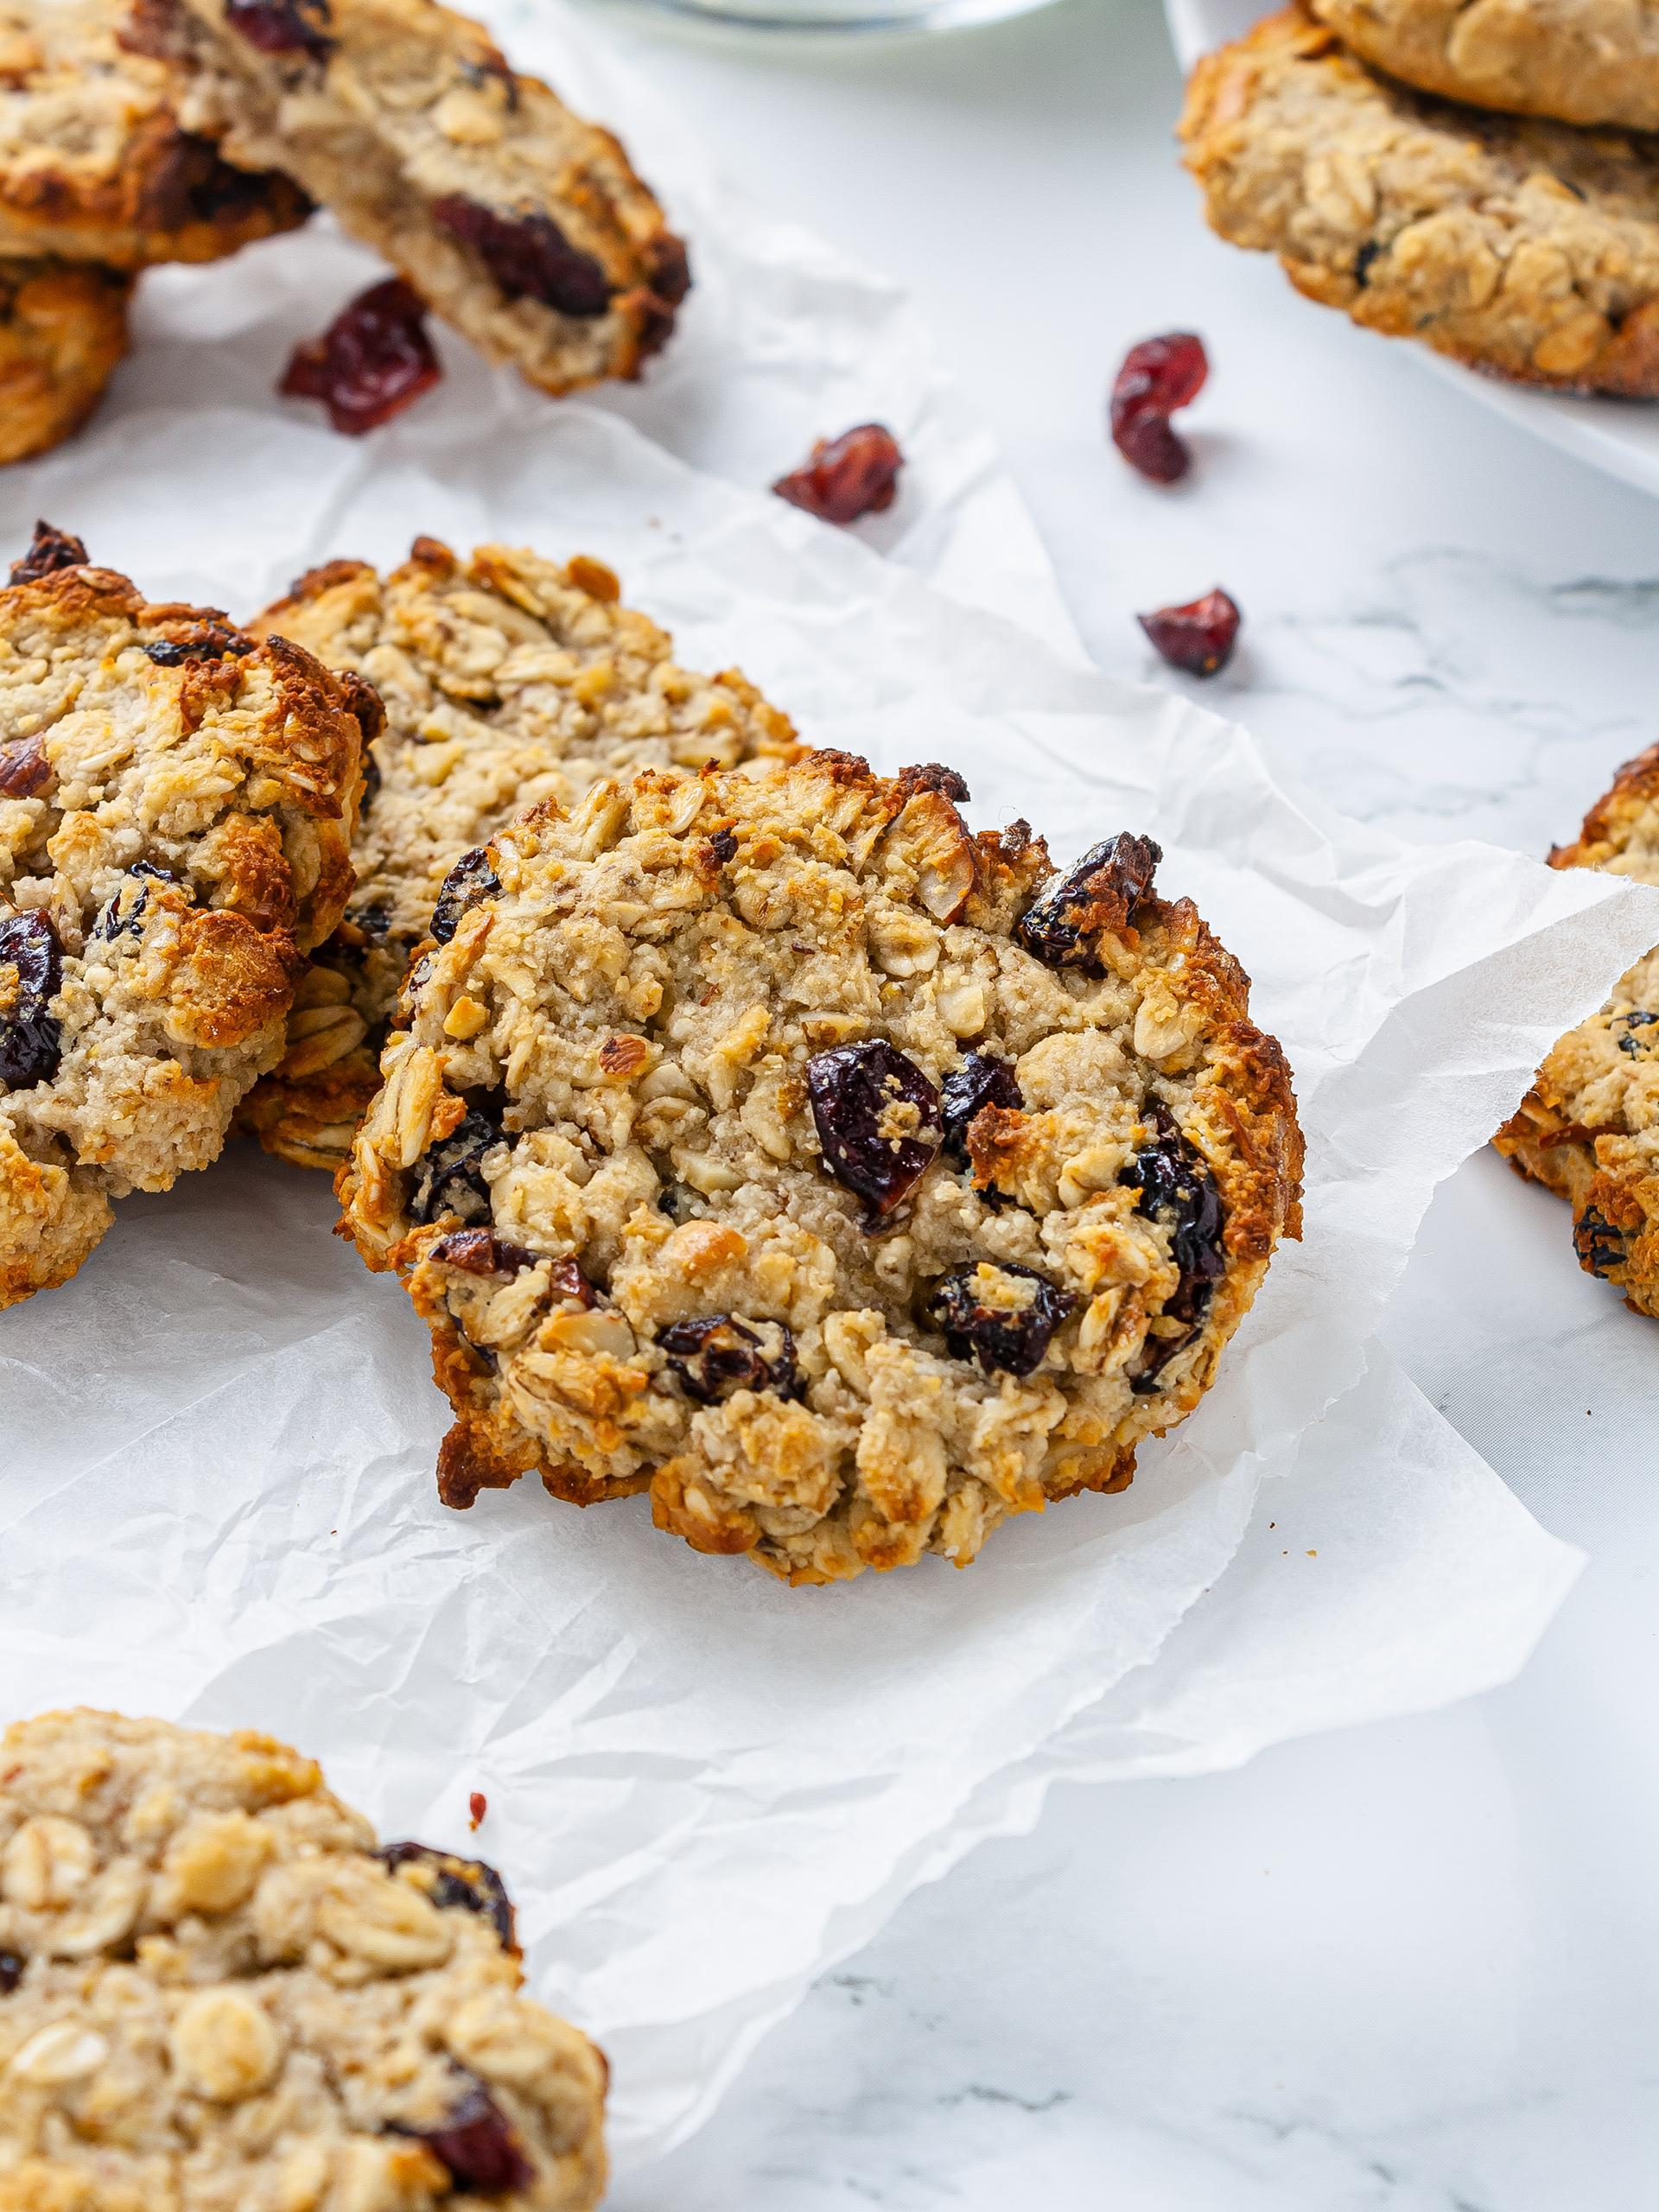 Gluten Free Vegan Applesauce Cookies Recipe Preview